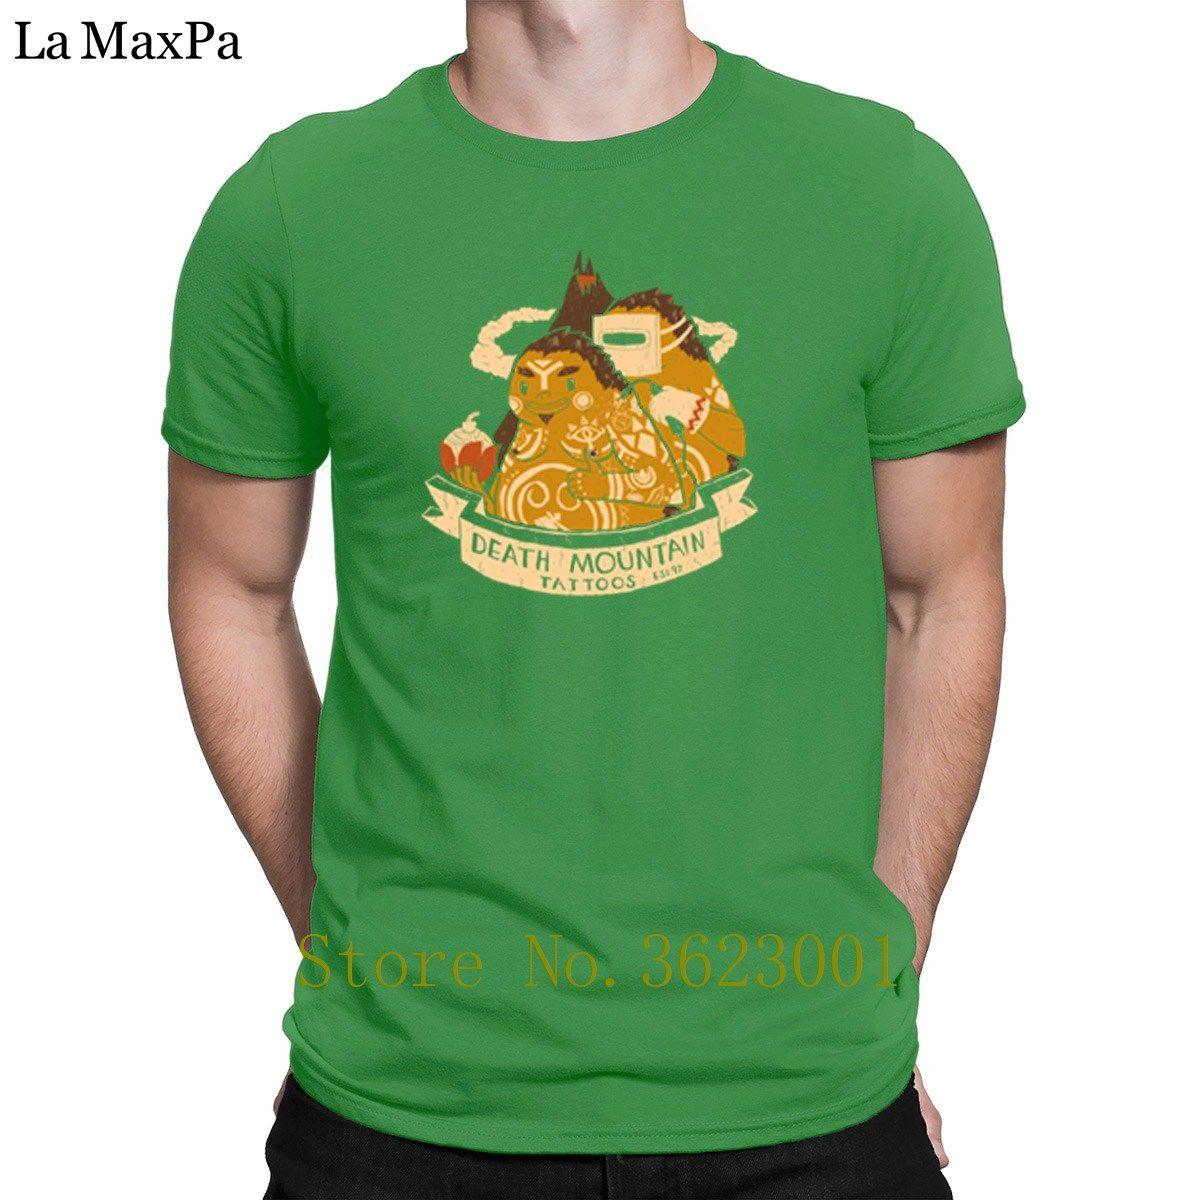 Impressão em torno do pescoço T Shirt Death Mountain Tattoos T shirt dos homens Homme Família Camiseta Hiphop homens camisetas respirável Vintage